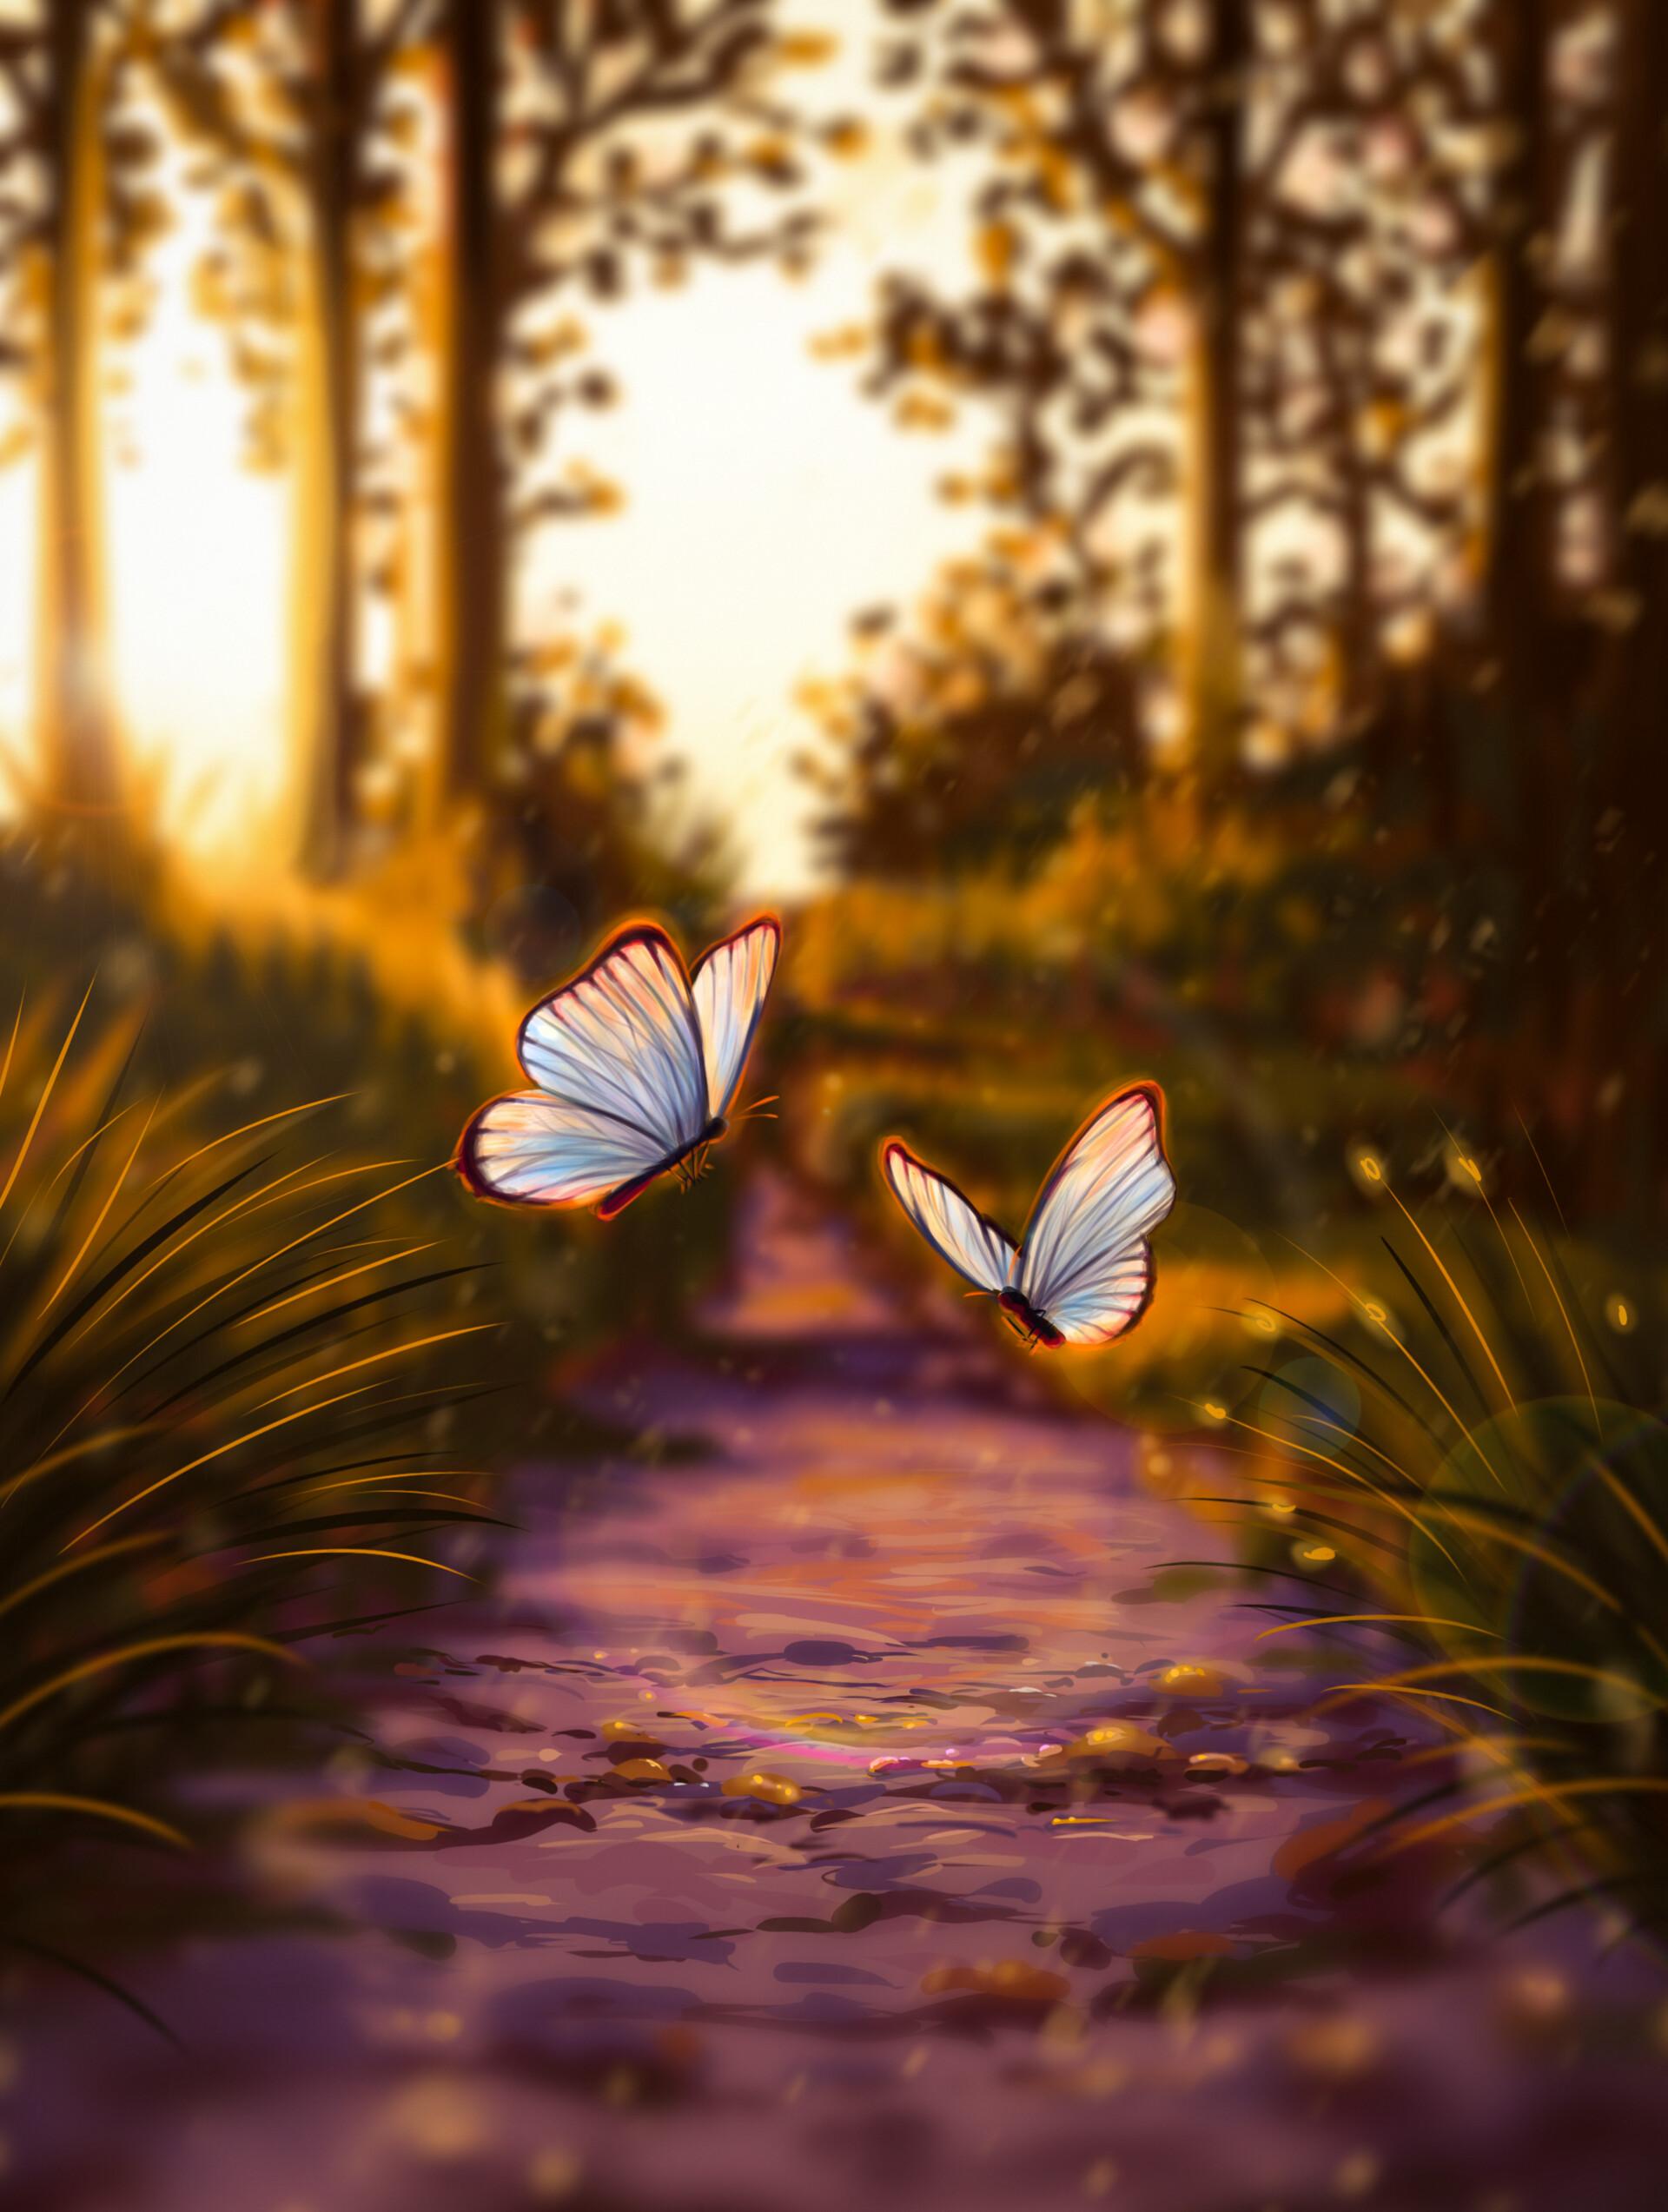 53642 скачать обои Бабочки, Арт, Блики, Свет - заставки и картинки бесплатно